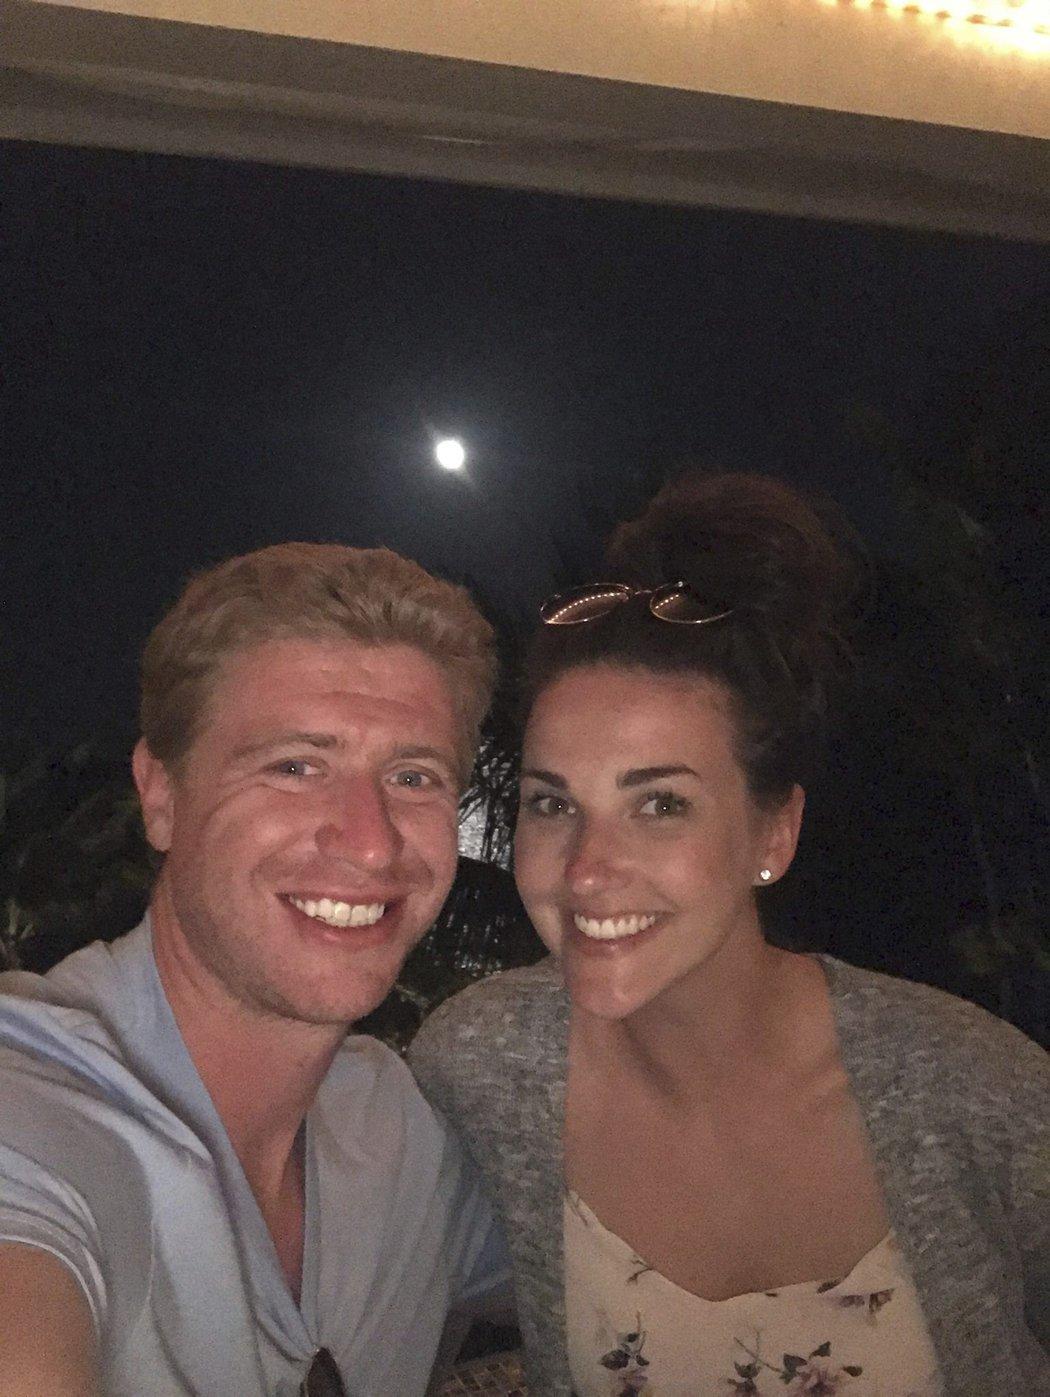 Jakub se na Facebooku pochlubil fotkou s Markétou.